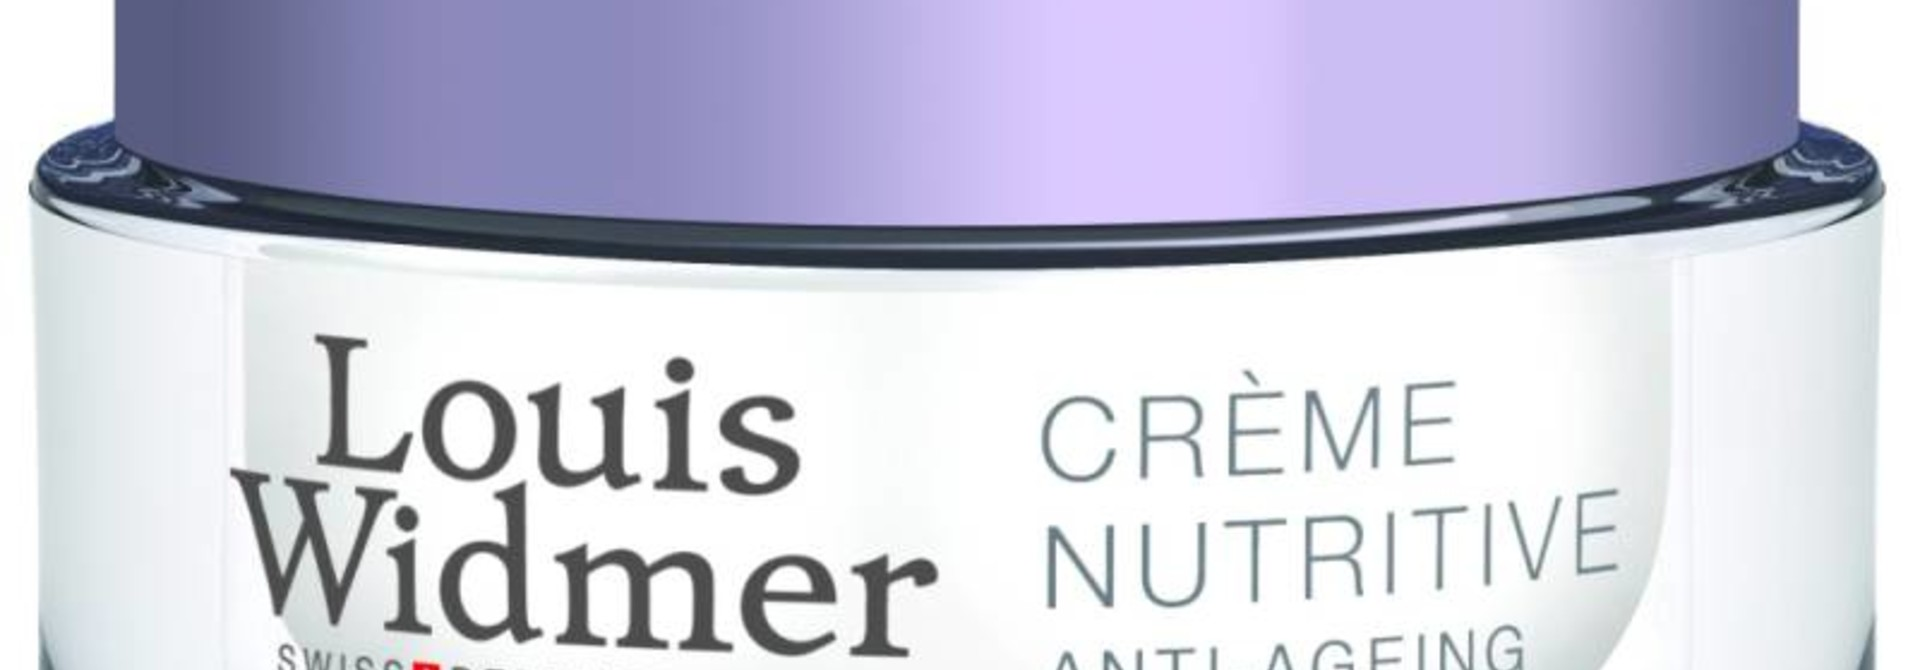 Crème Nutritive 50 ml ongeparfumeerd